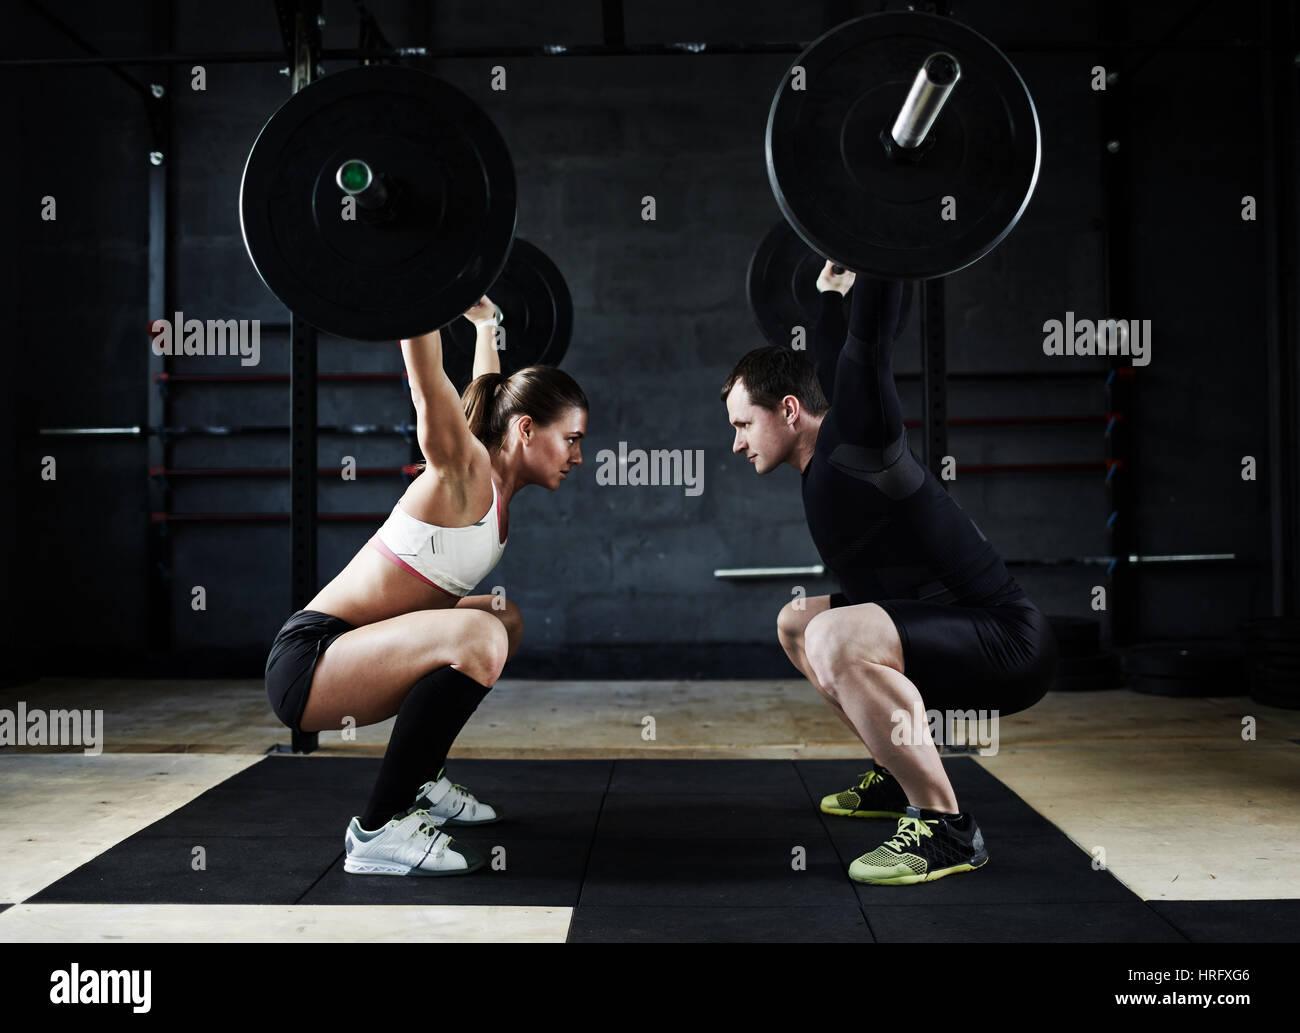 Imagen Vista Lateral De Motivación Del Joven Y La Mujer